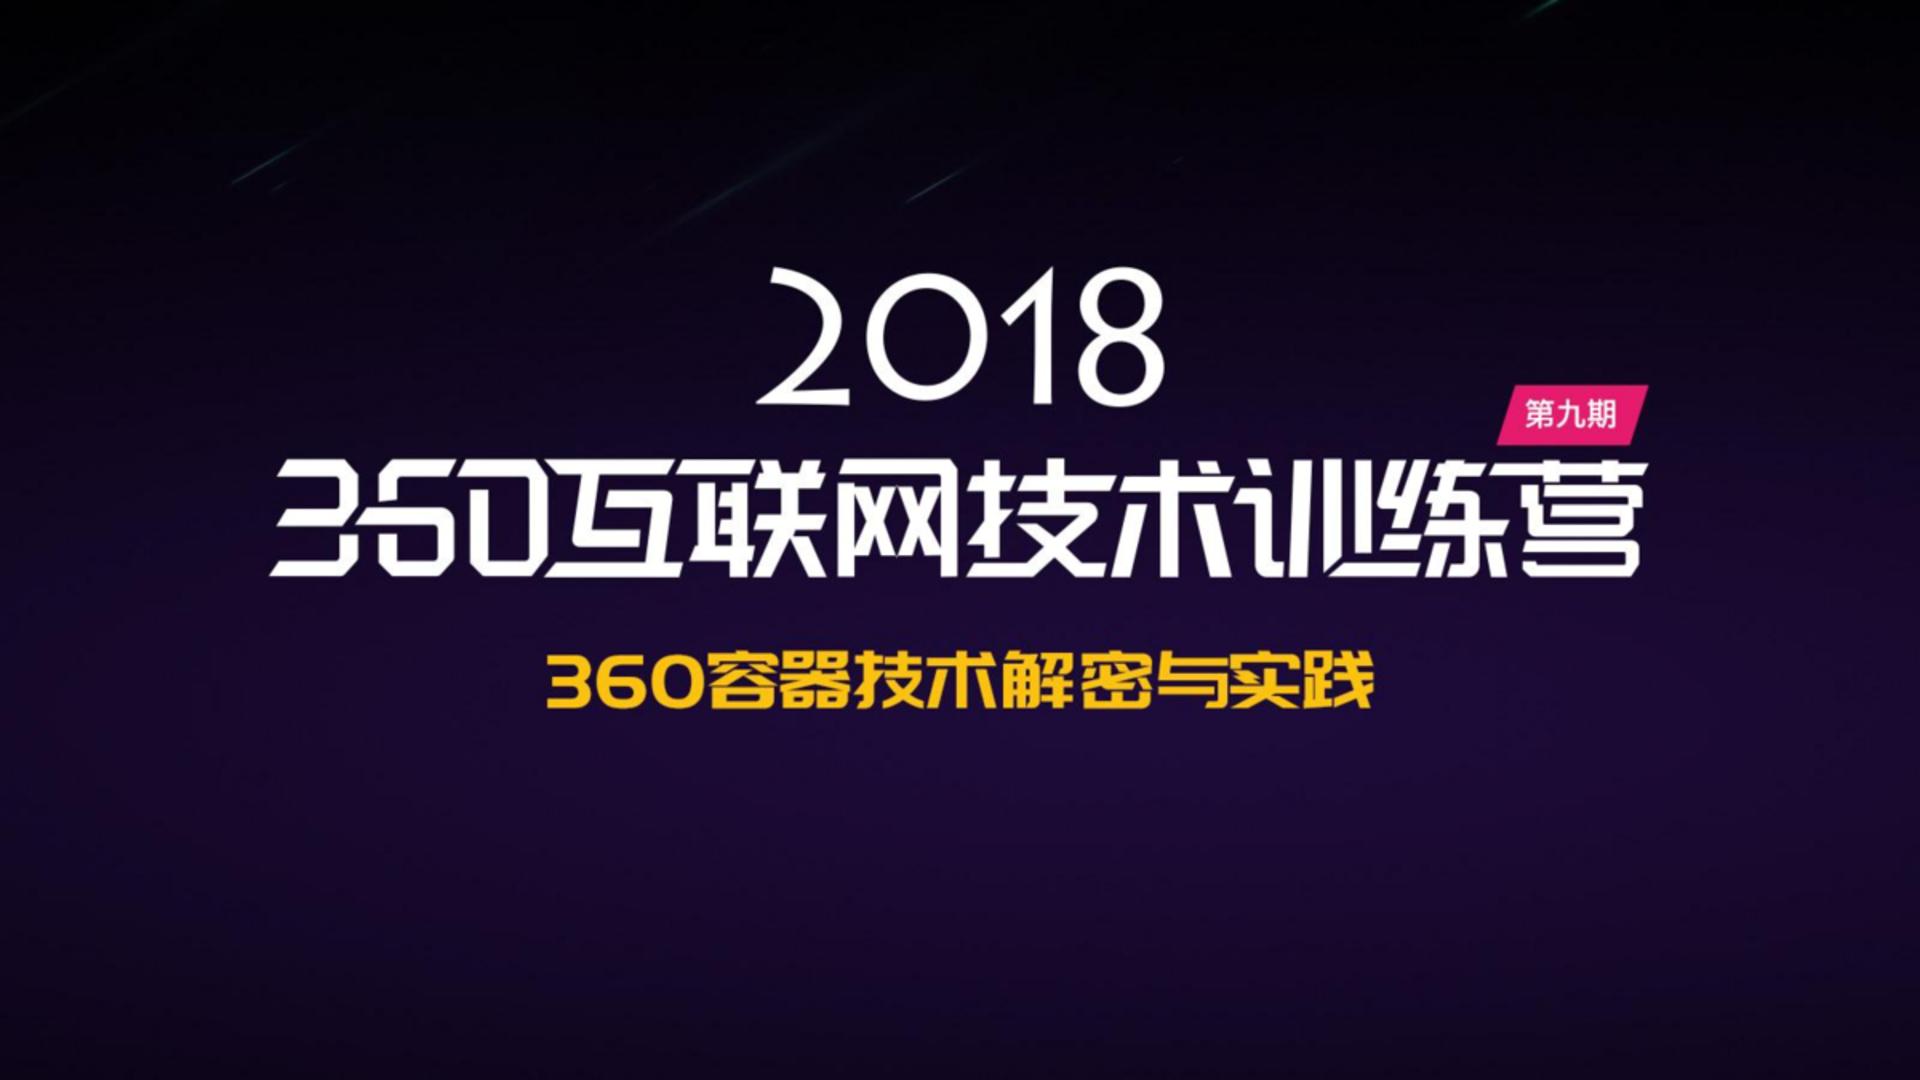 360在容器网络配置优化及自动化部署方面的实践